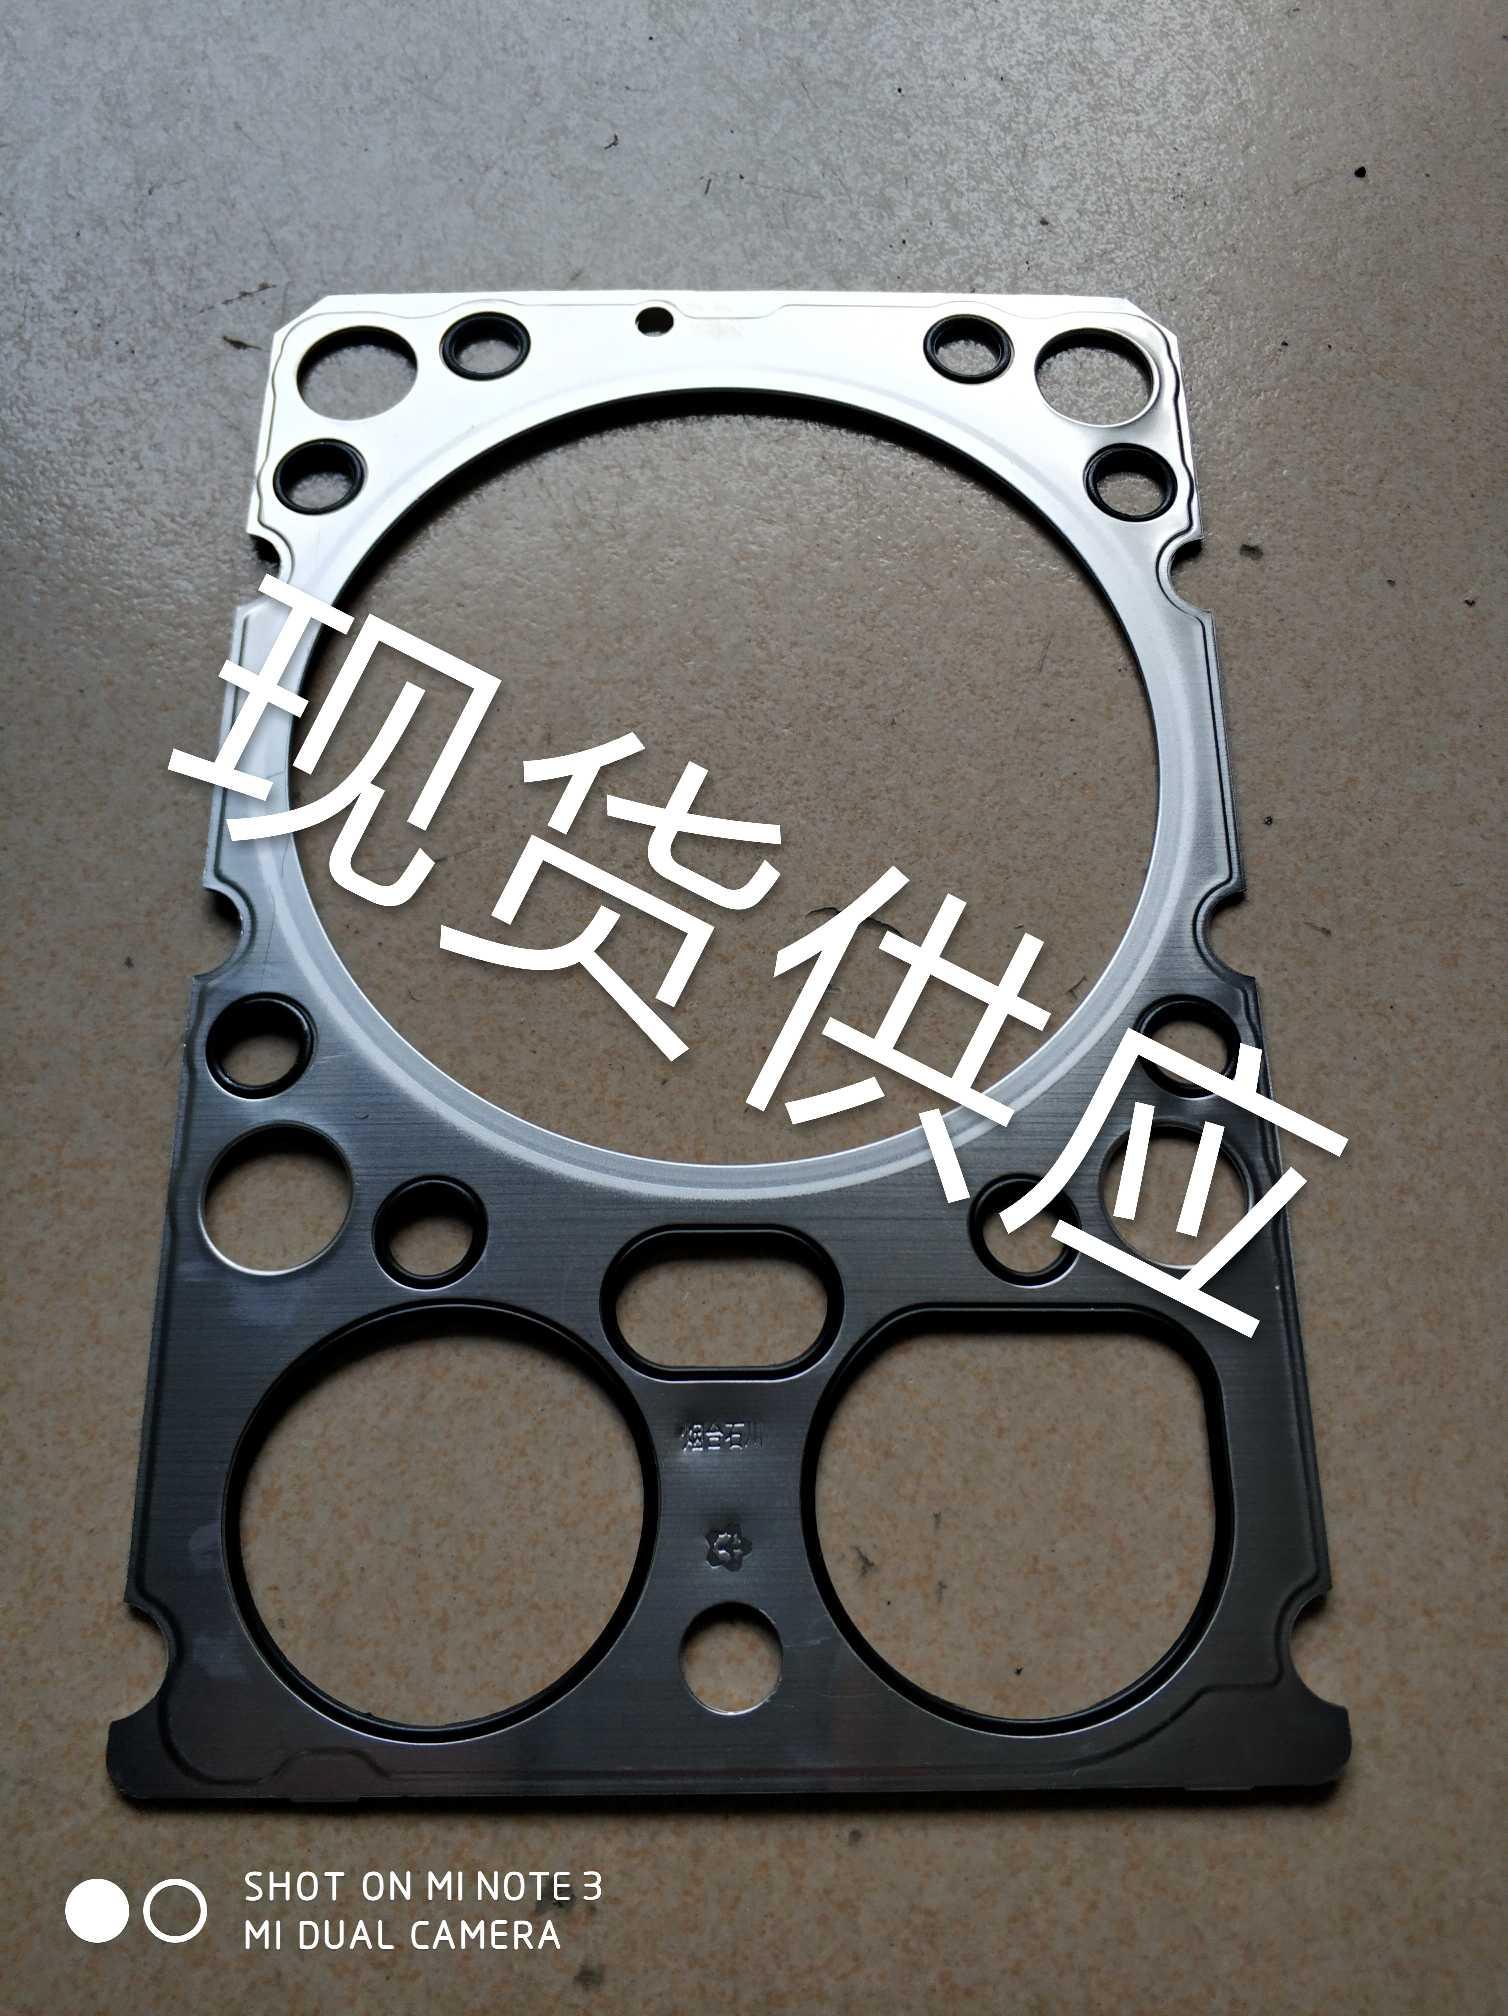 潍柴国三国p10发动机气缸垫61260040355/612600040355